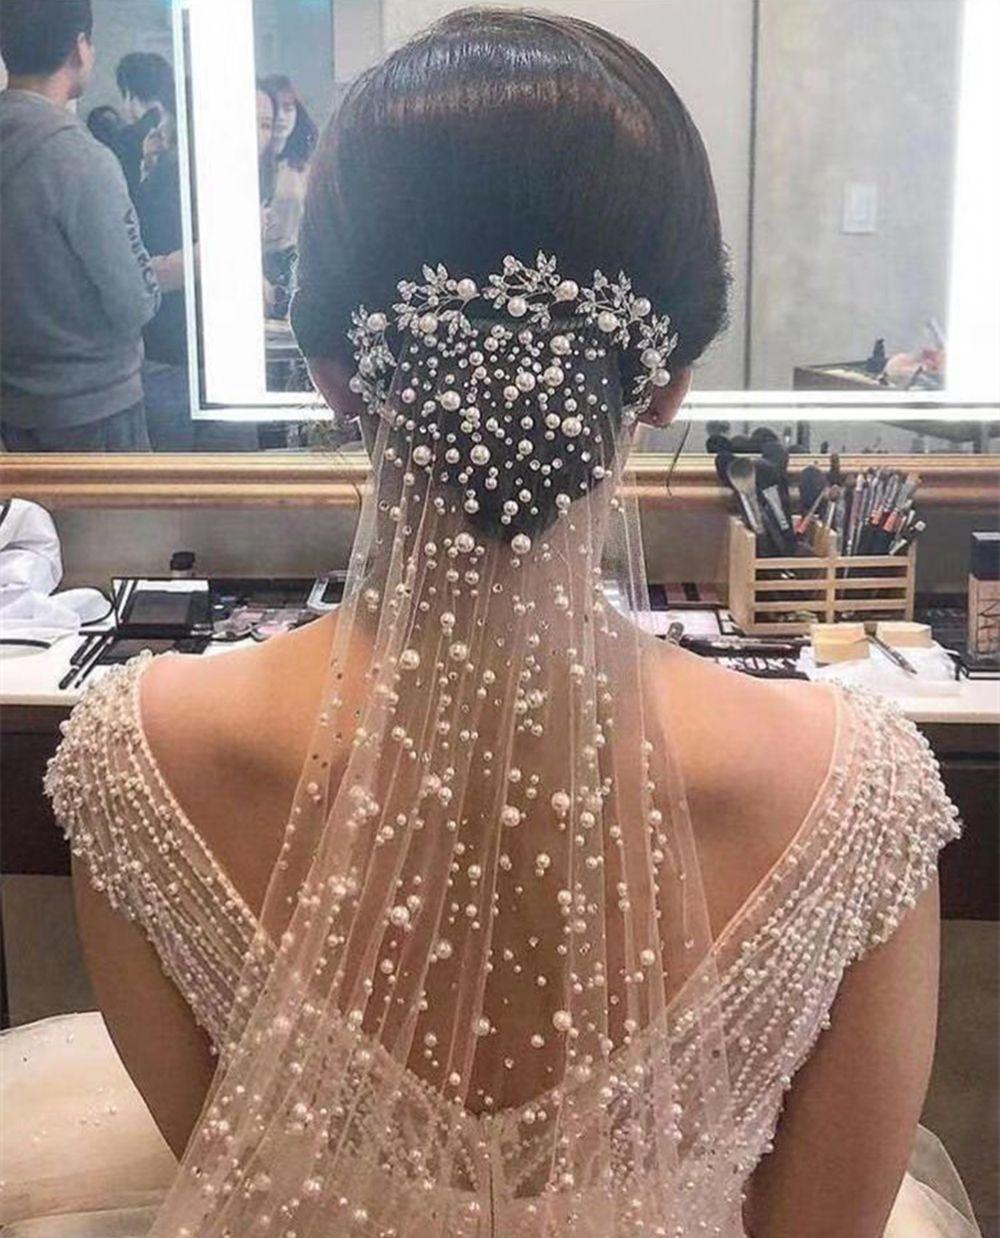 Bridal-Hochzeitsschleier mit Perlen billig kostenloser Versand Spitze Weiß Elfenbein Tüll Hochzeit Braut Schleier Ellenbogenlänge Zwei Ebenen Ereignisse Formale